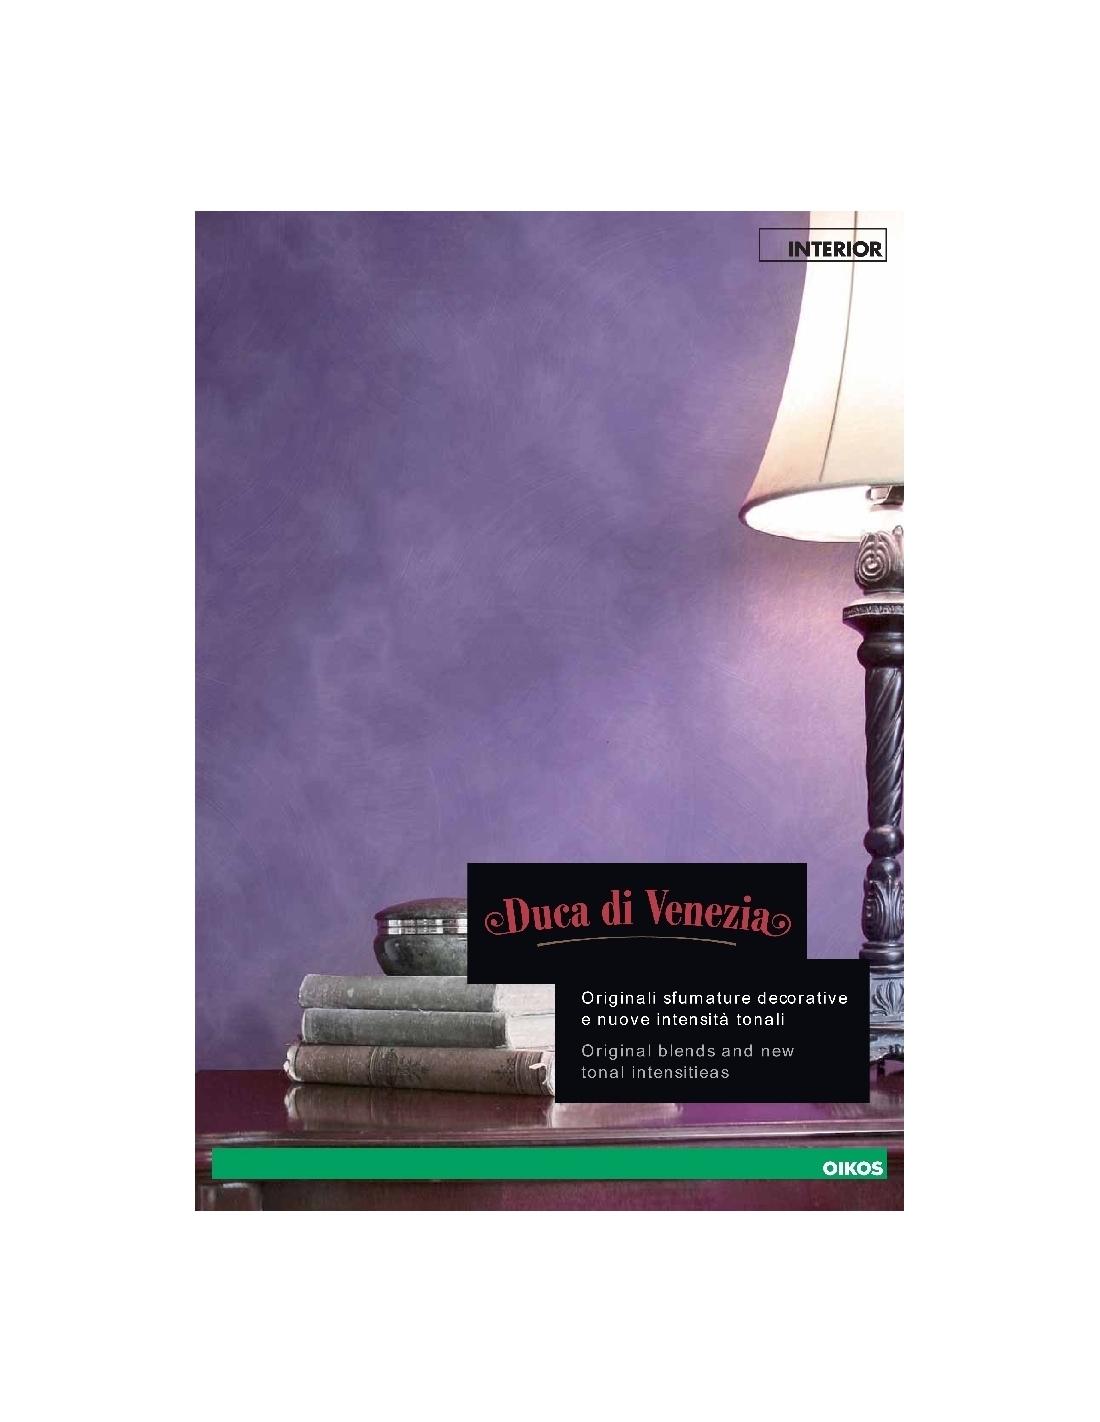 Cartella colori oikos duca di venezia for Oikos pitture cartella colori